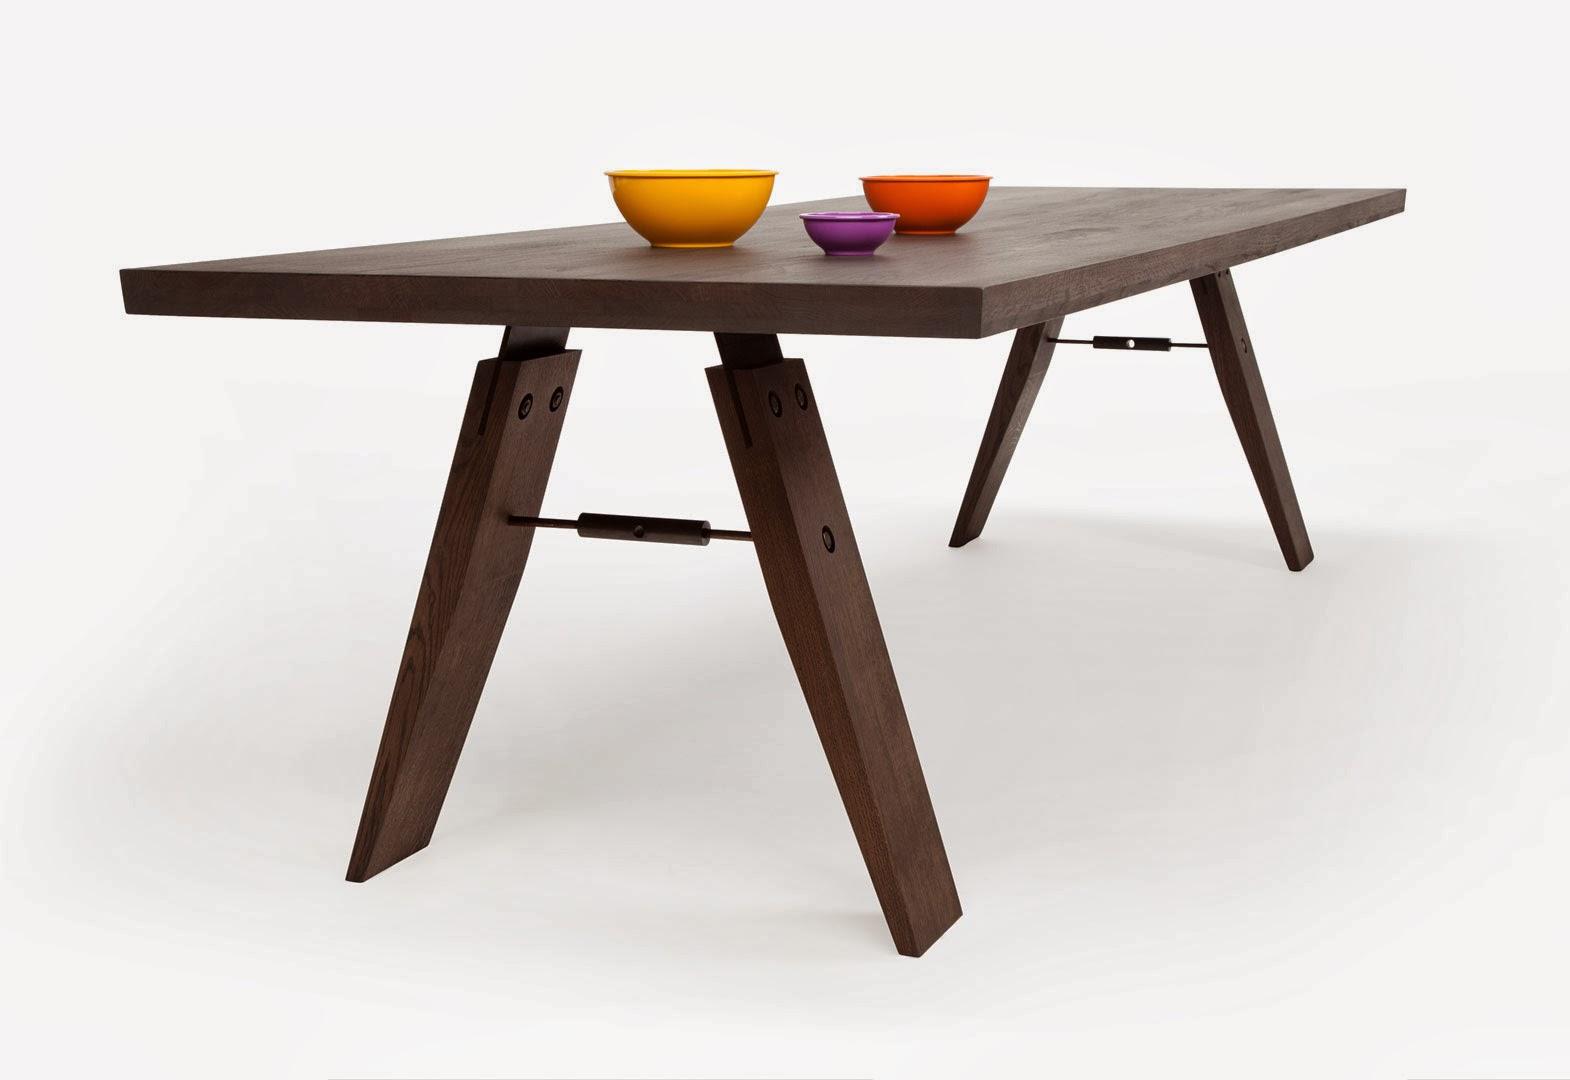 Design Eetkamer Tafel.Eetkamertafels Com De Mooiste Design Tafels Voor Thuis Branch